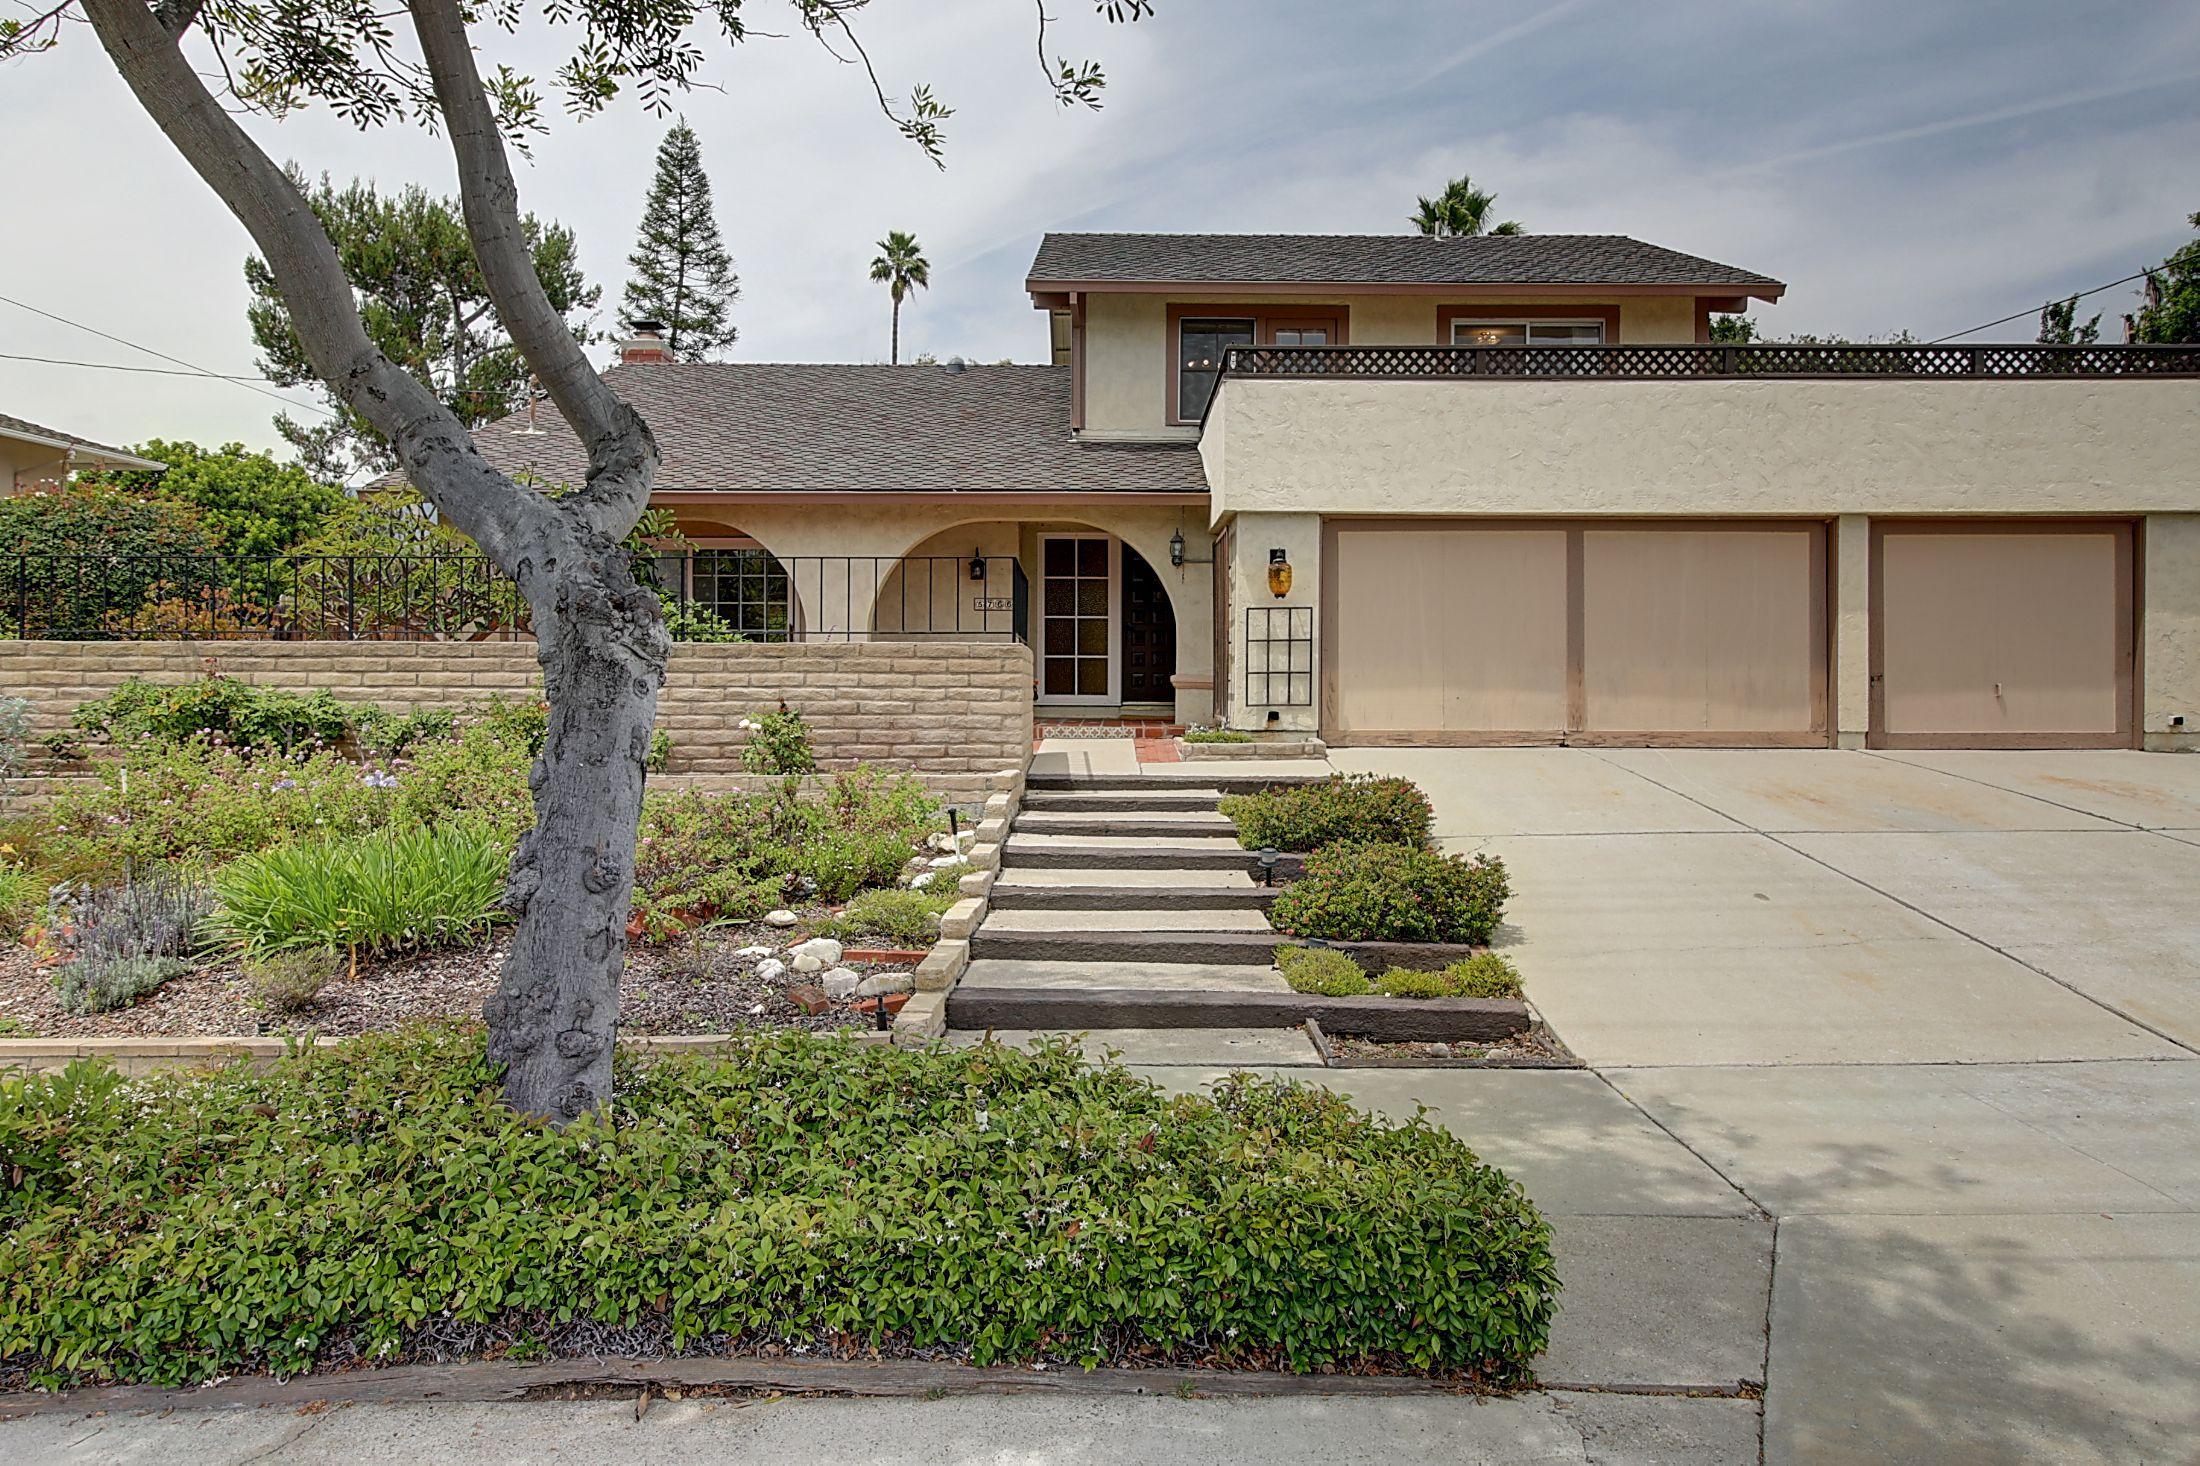 Property photo for 5766 Stow Canyon Rd Goleta, California 93117 - 16-1999